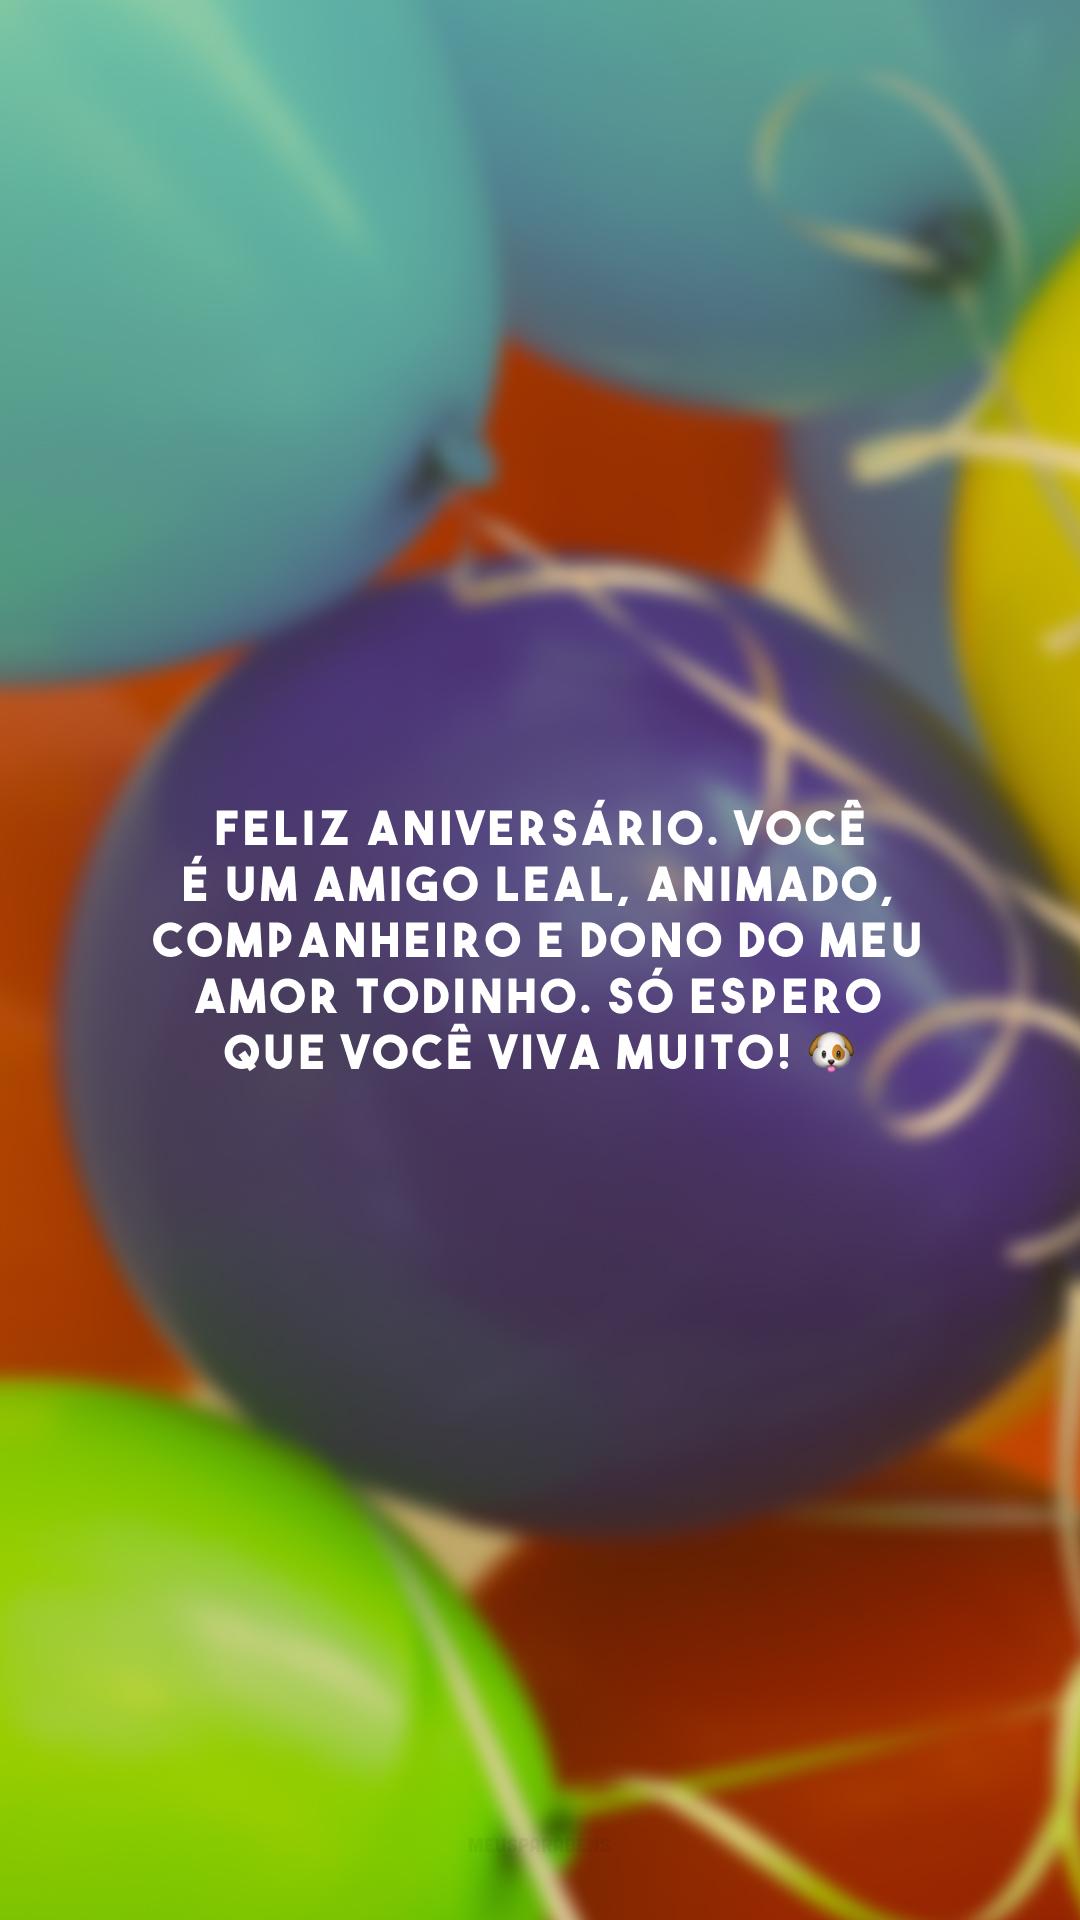 Feliz aniversário. Você é um amigo leal, animado, companheiro e dono do meu amor todinho. Só espero que você viva muito! 🐶